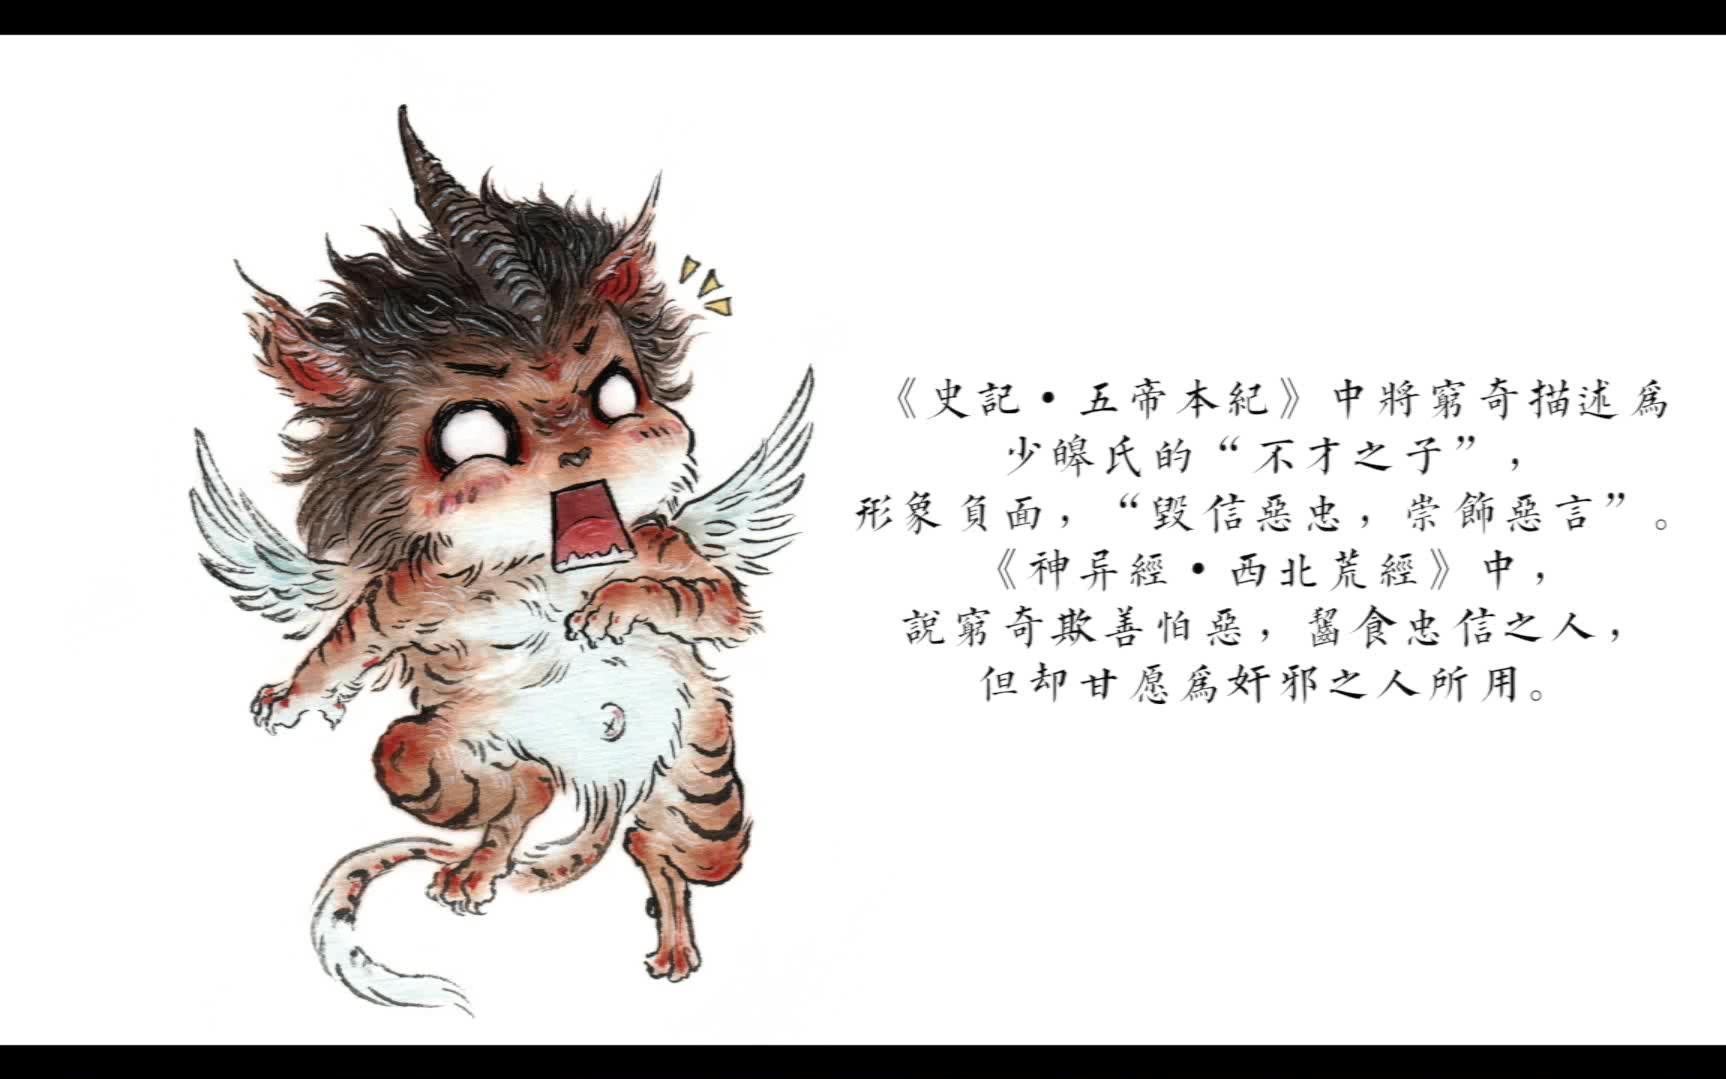 【繪畫過程·Q版窮奇】 這么兇惡的家伙竟被嚇成這樣?怕不是看見了。。。_嗶哩嗶哩 (゜-゜)つロ 干杯~-bilibili